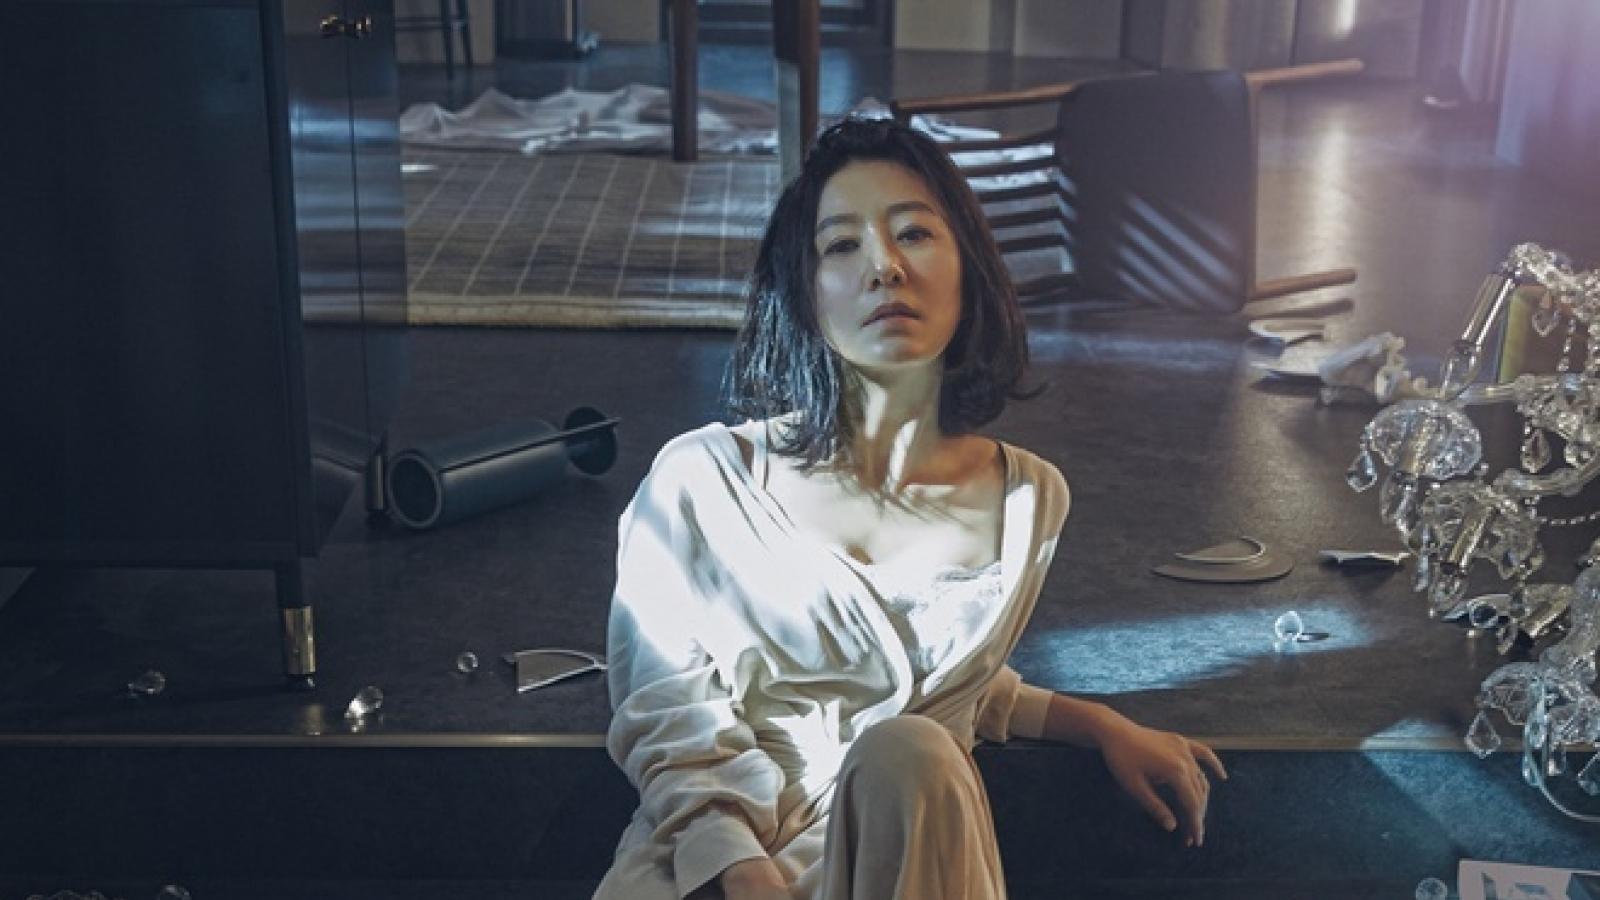 """Ngỡ ngàng mức cát-xê của bà cả Kim Hee Ae trong """"Thế giới hôn nhân"""""""